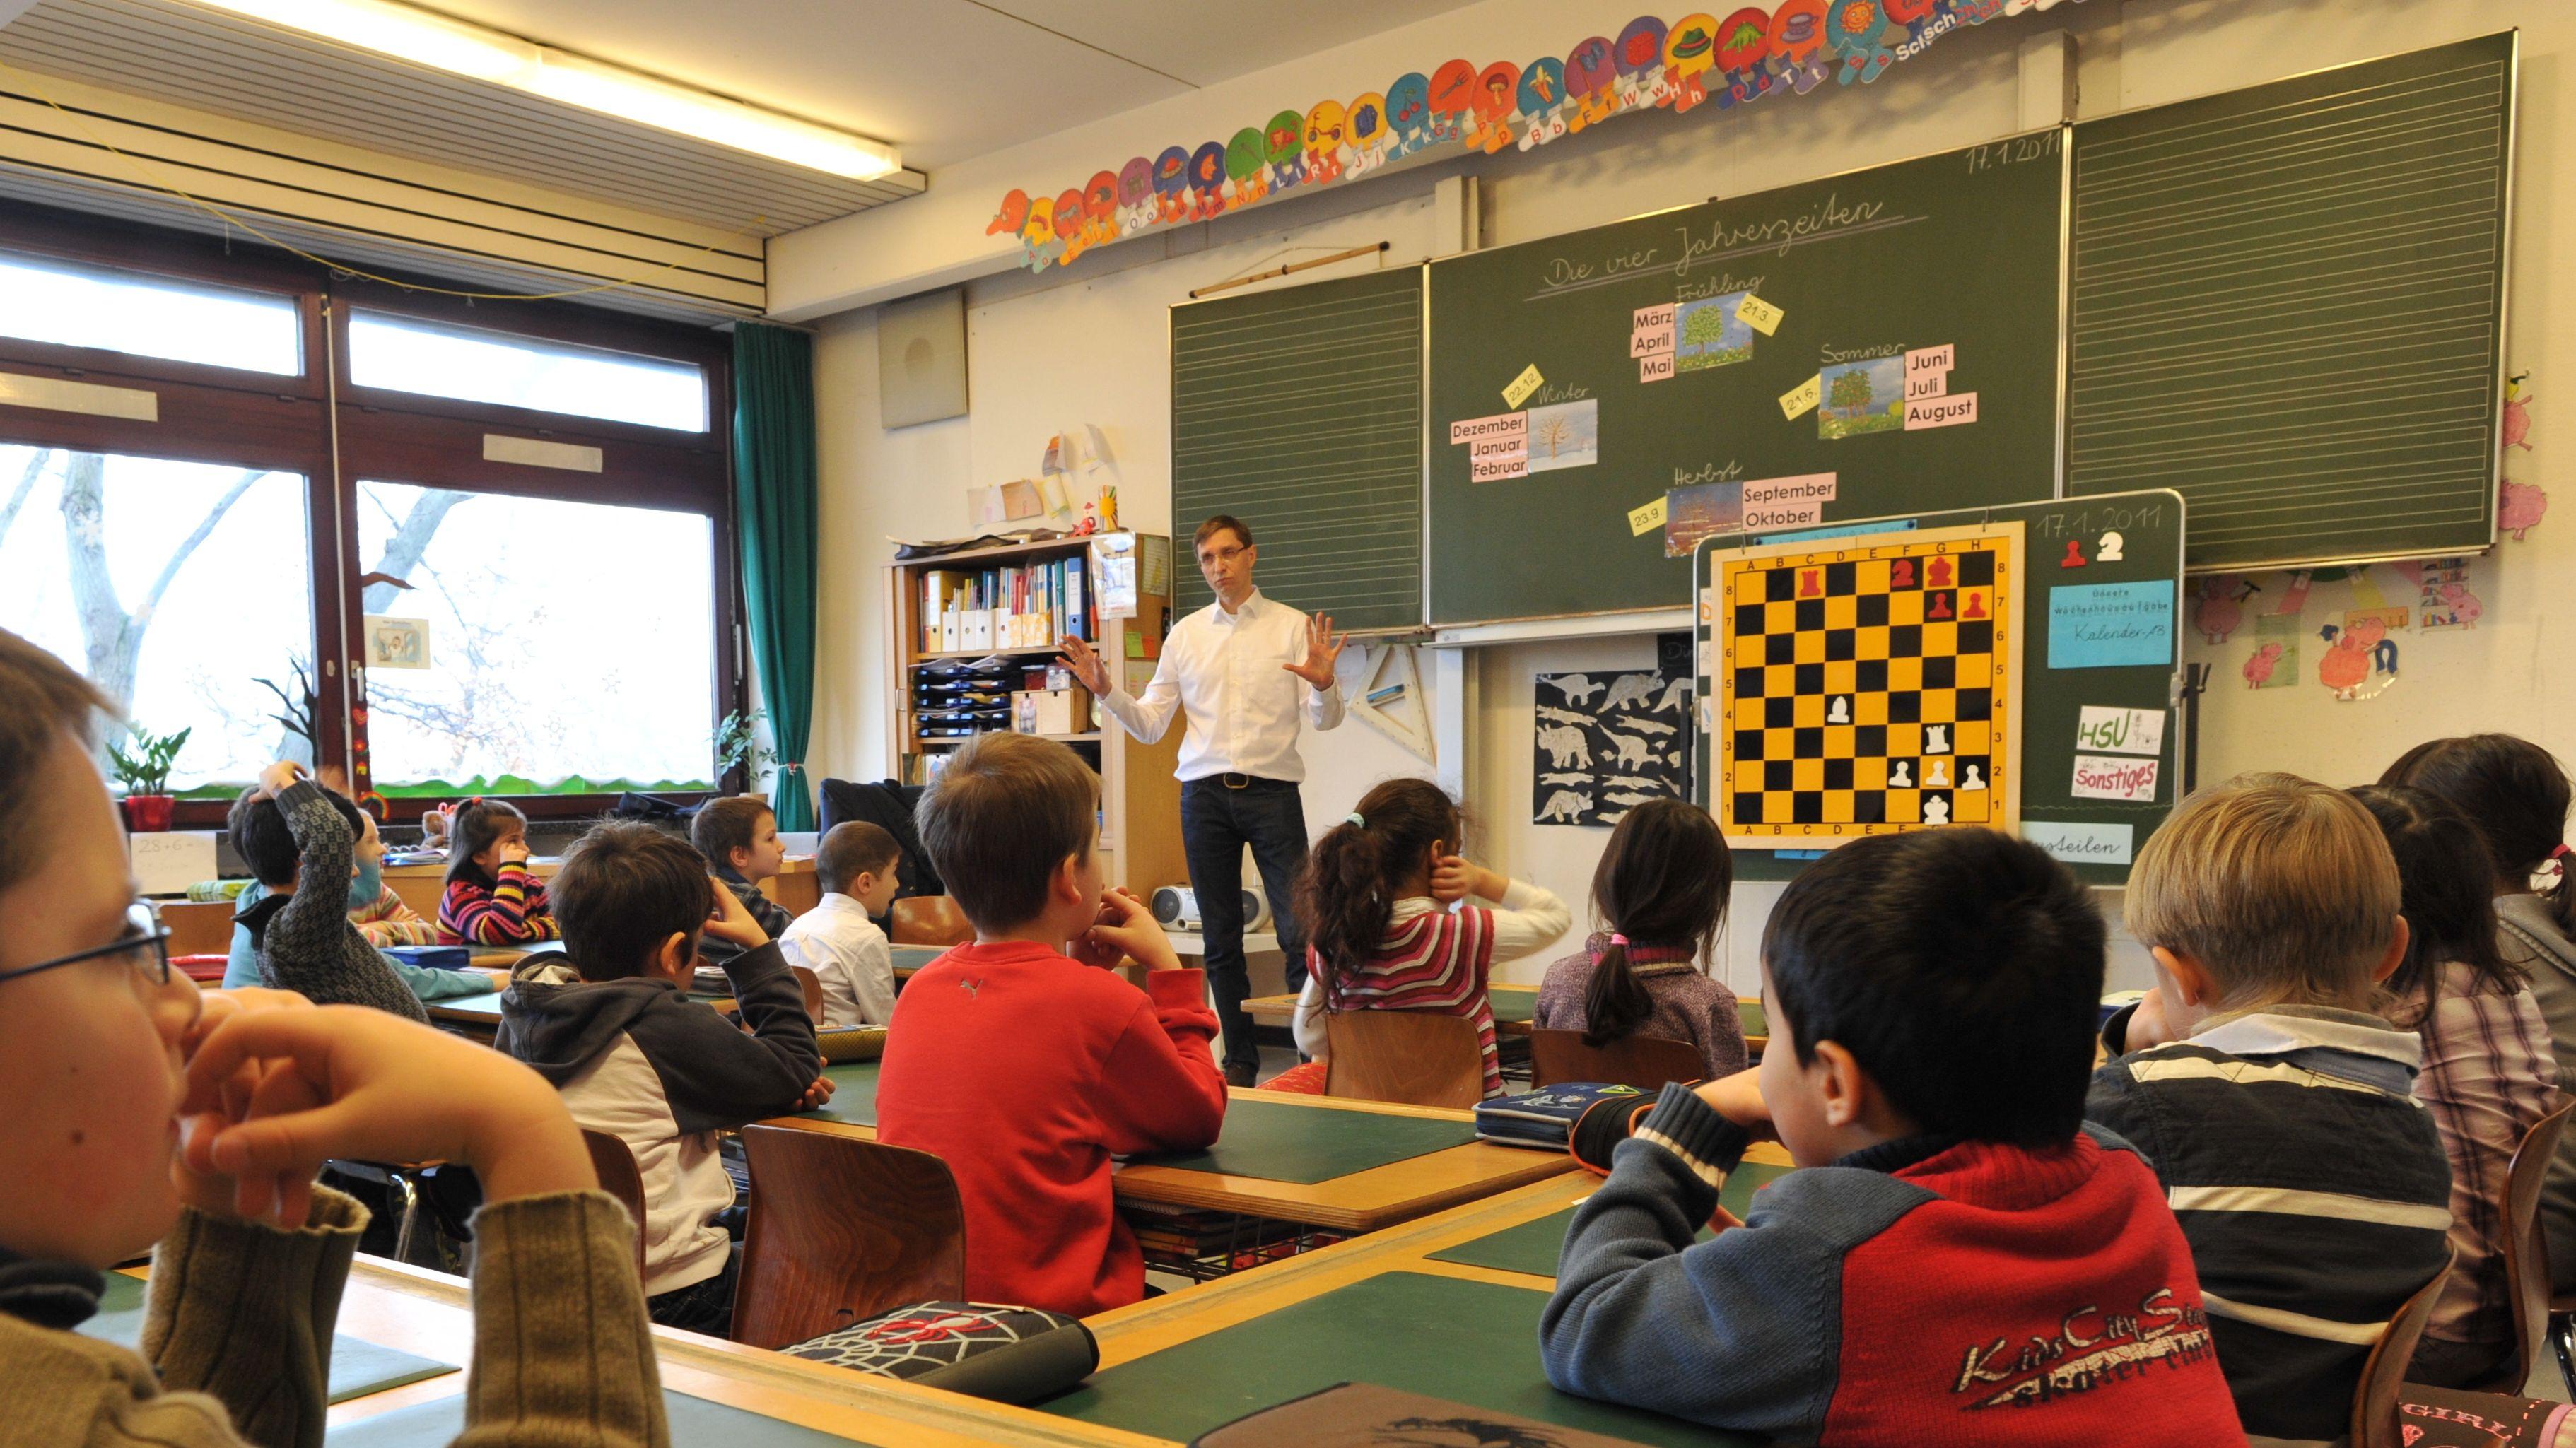 Lehrer und Schüler im Klassenzimmer